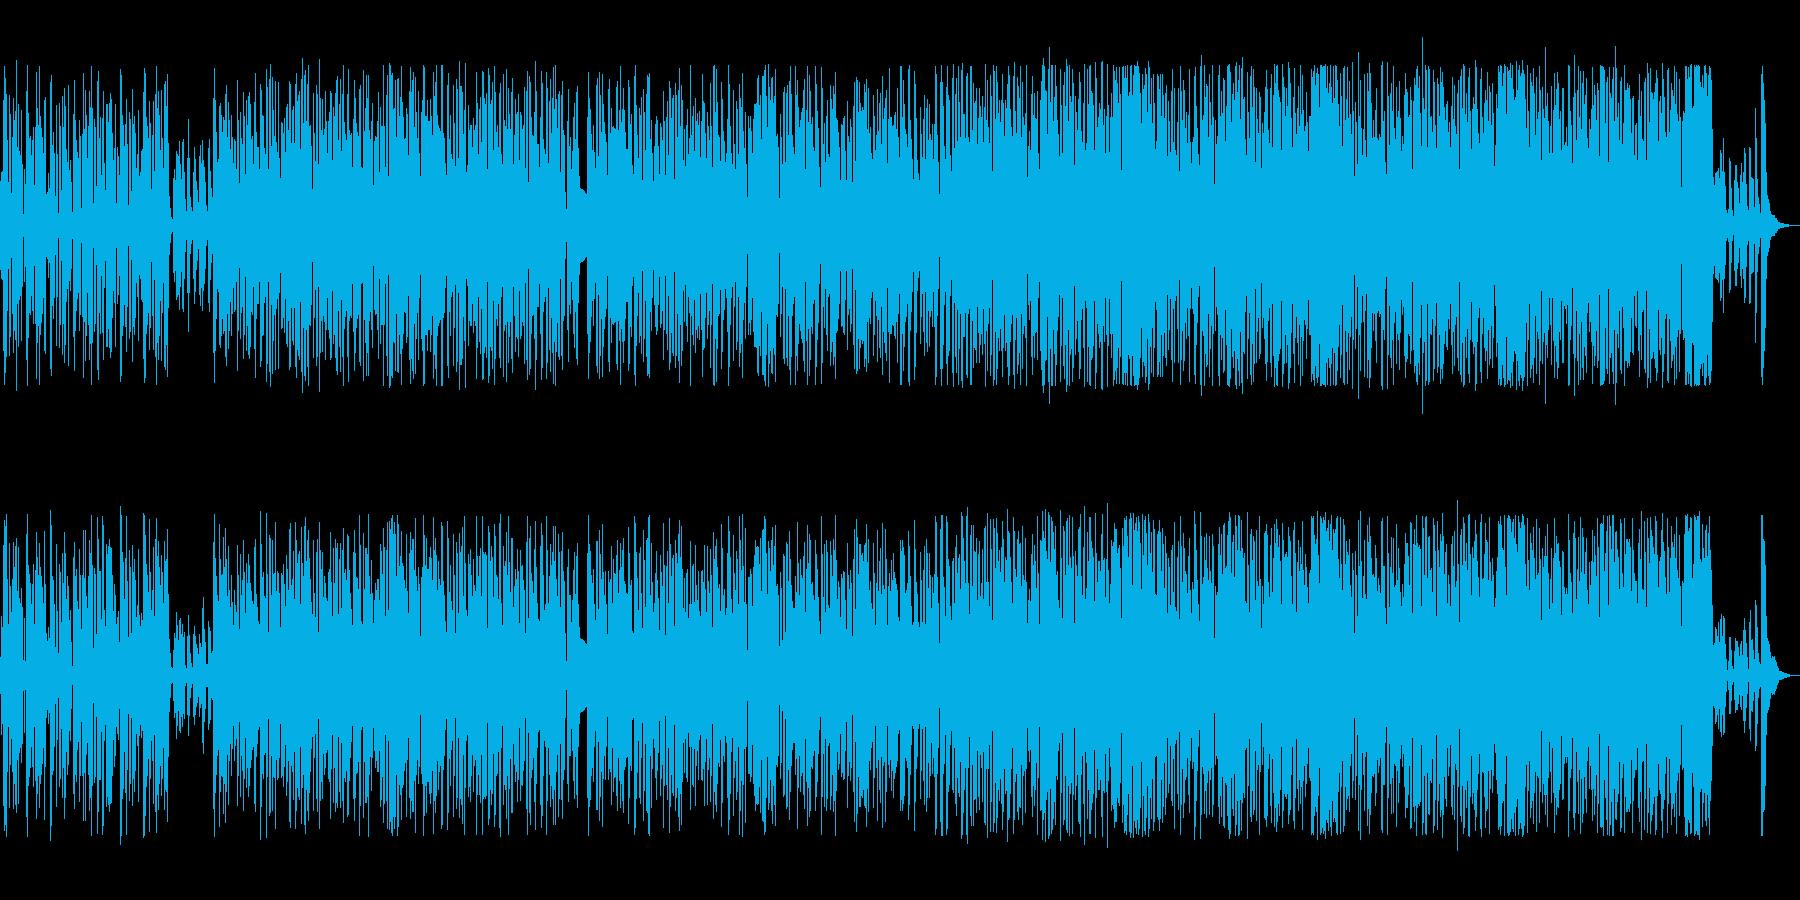 シンセの軽快なアップテンポの爽快感ある曲の再生済みの波形